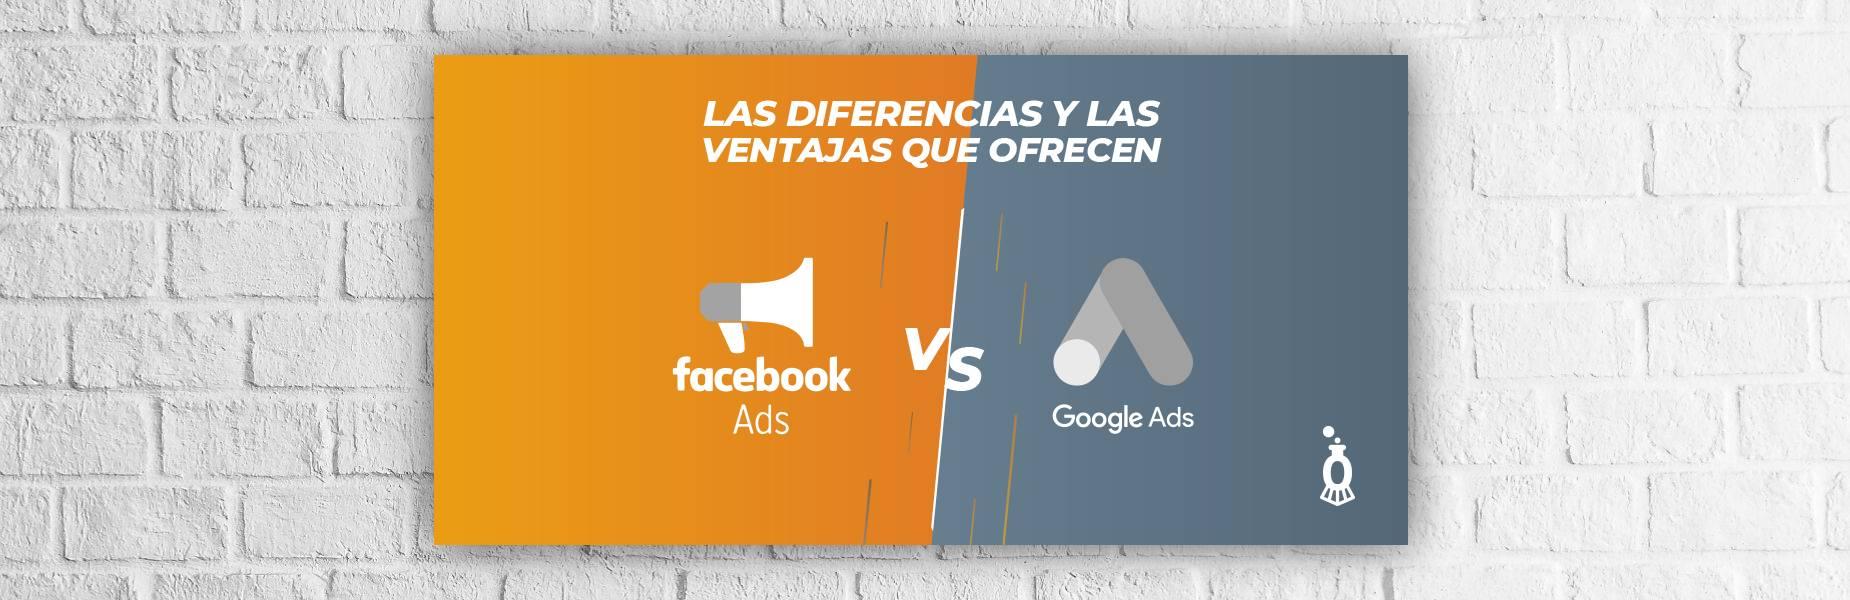 Las diferencias y las ventajas de Google Adwords y Facebook Ads